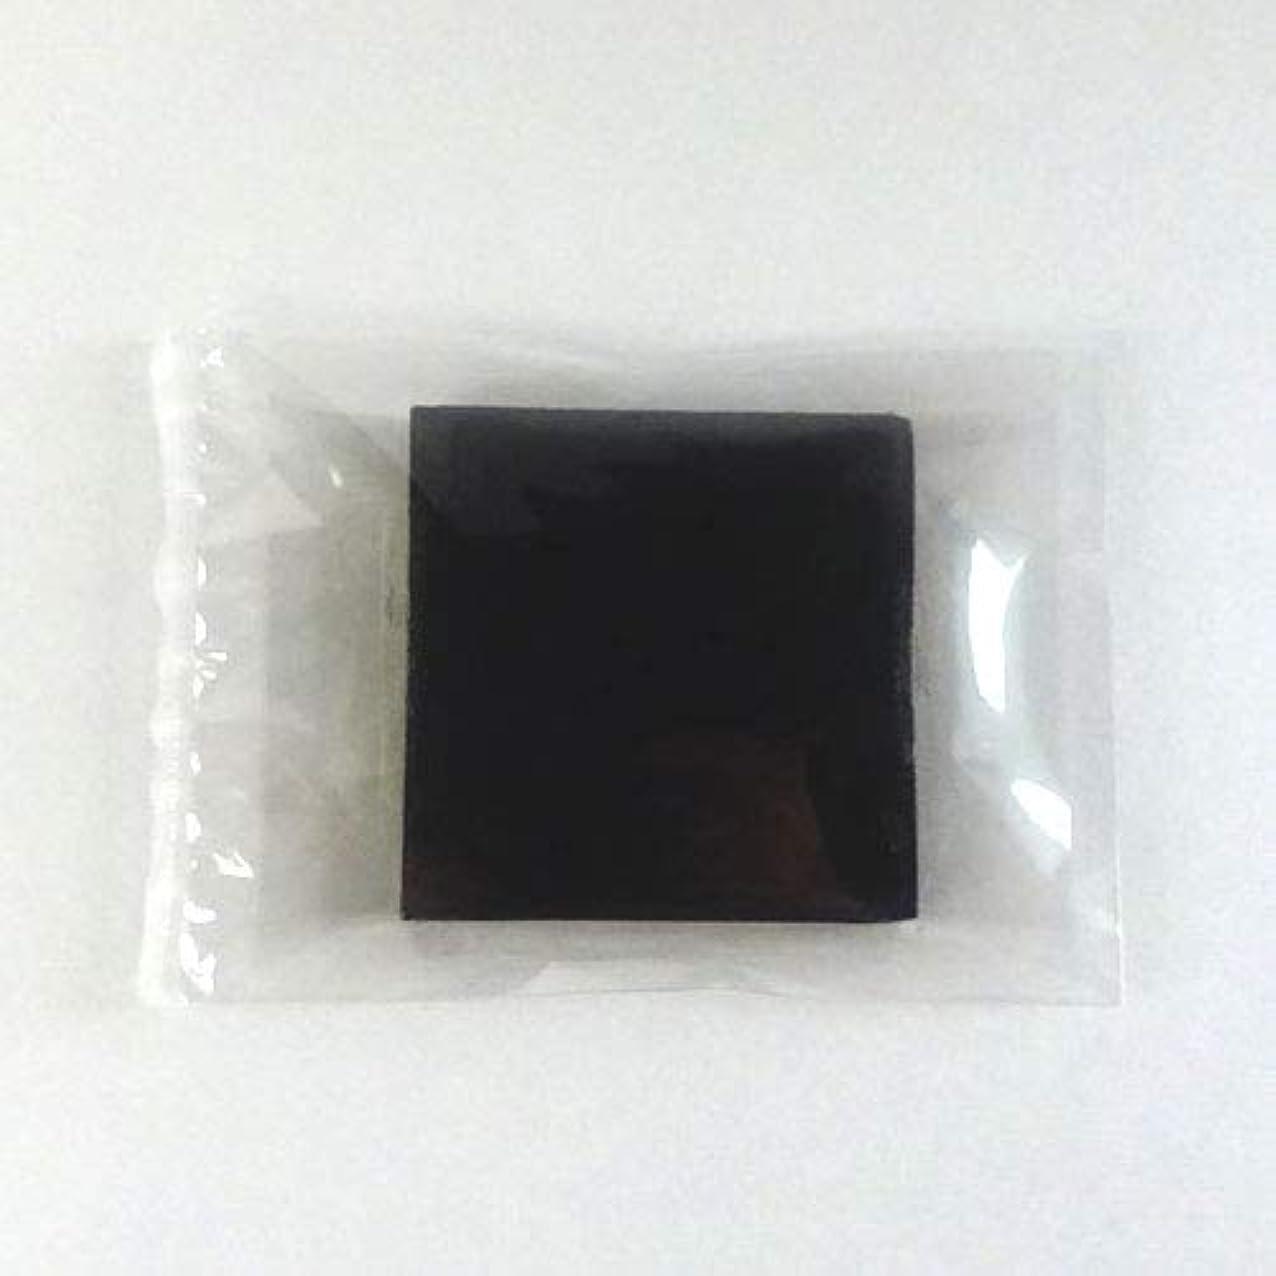 暫定アクセスできない乳白グリセリンソープ MPソープ 色チップ 黒(ブラック) 120g(30g x 4pc)